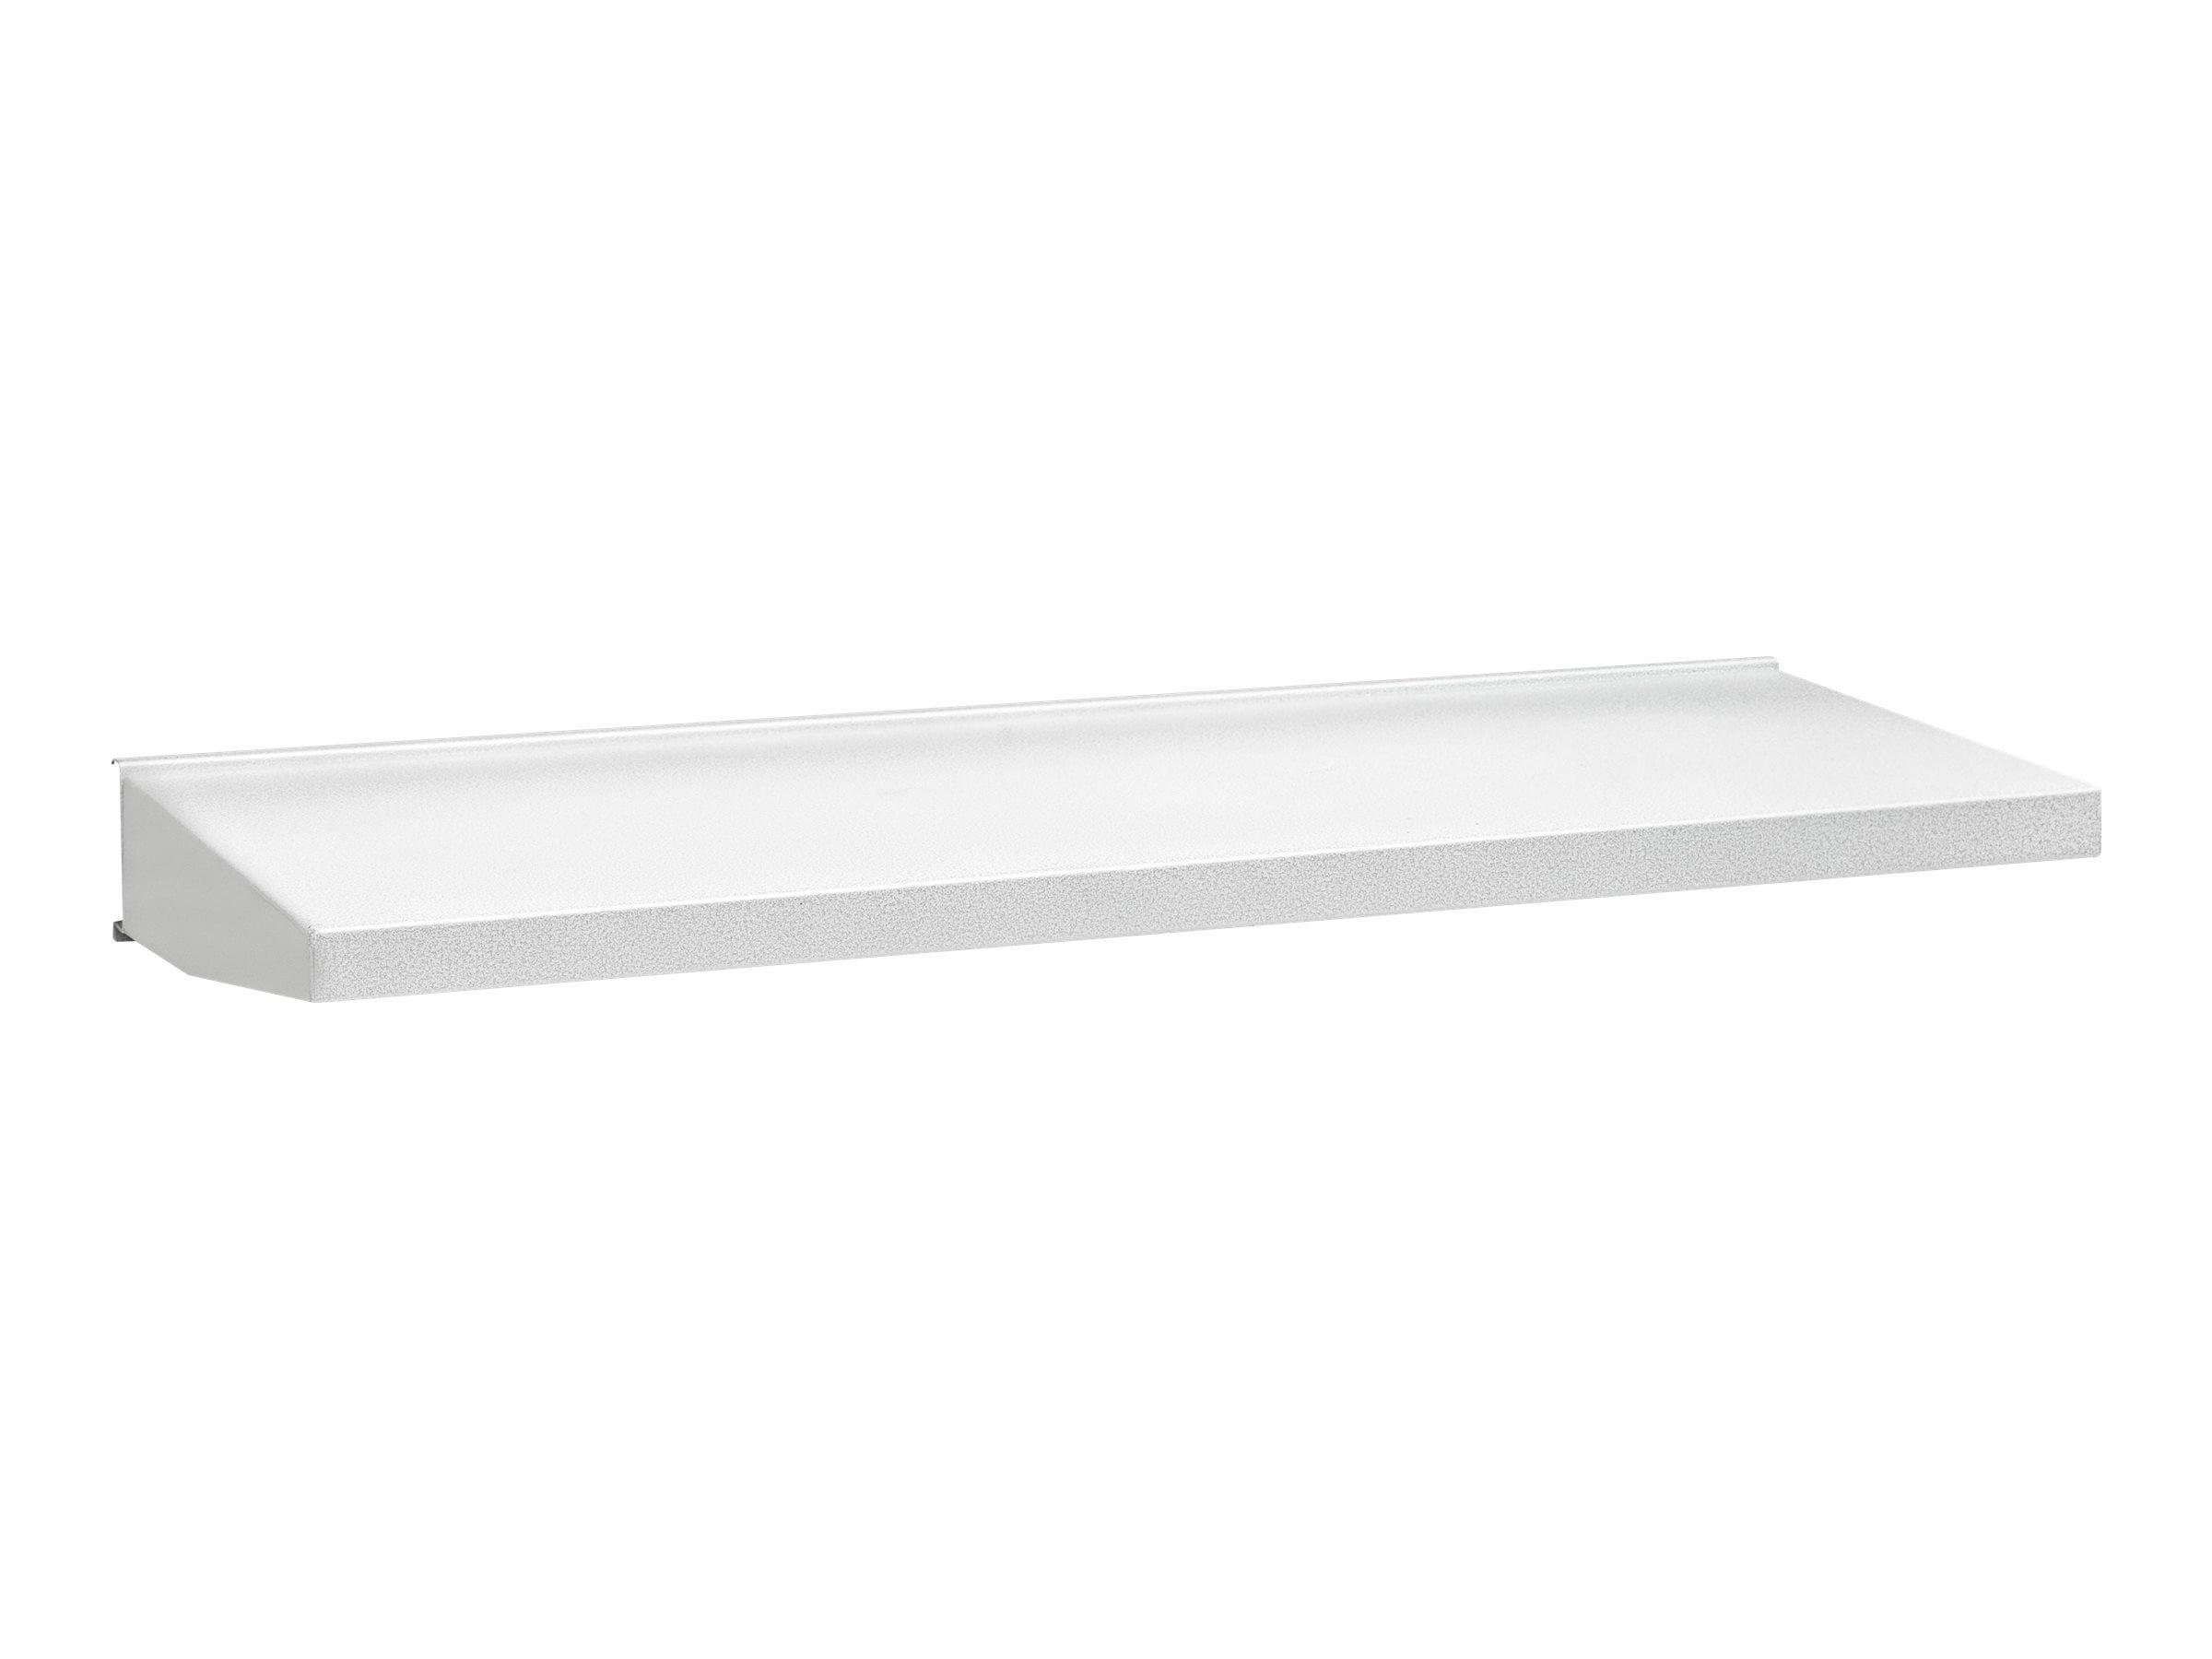 Gladiator - Shelf - heavy duty steel - white